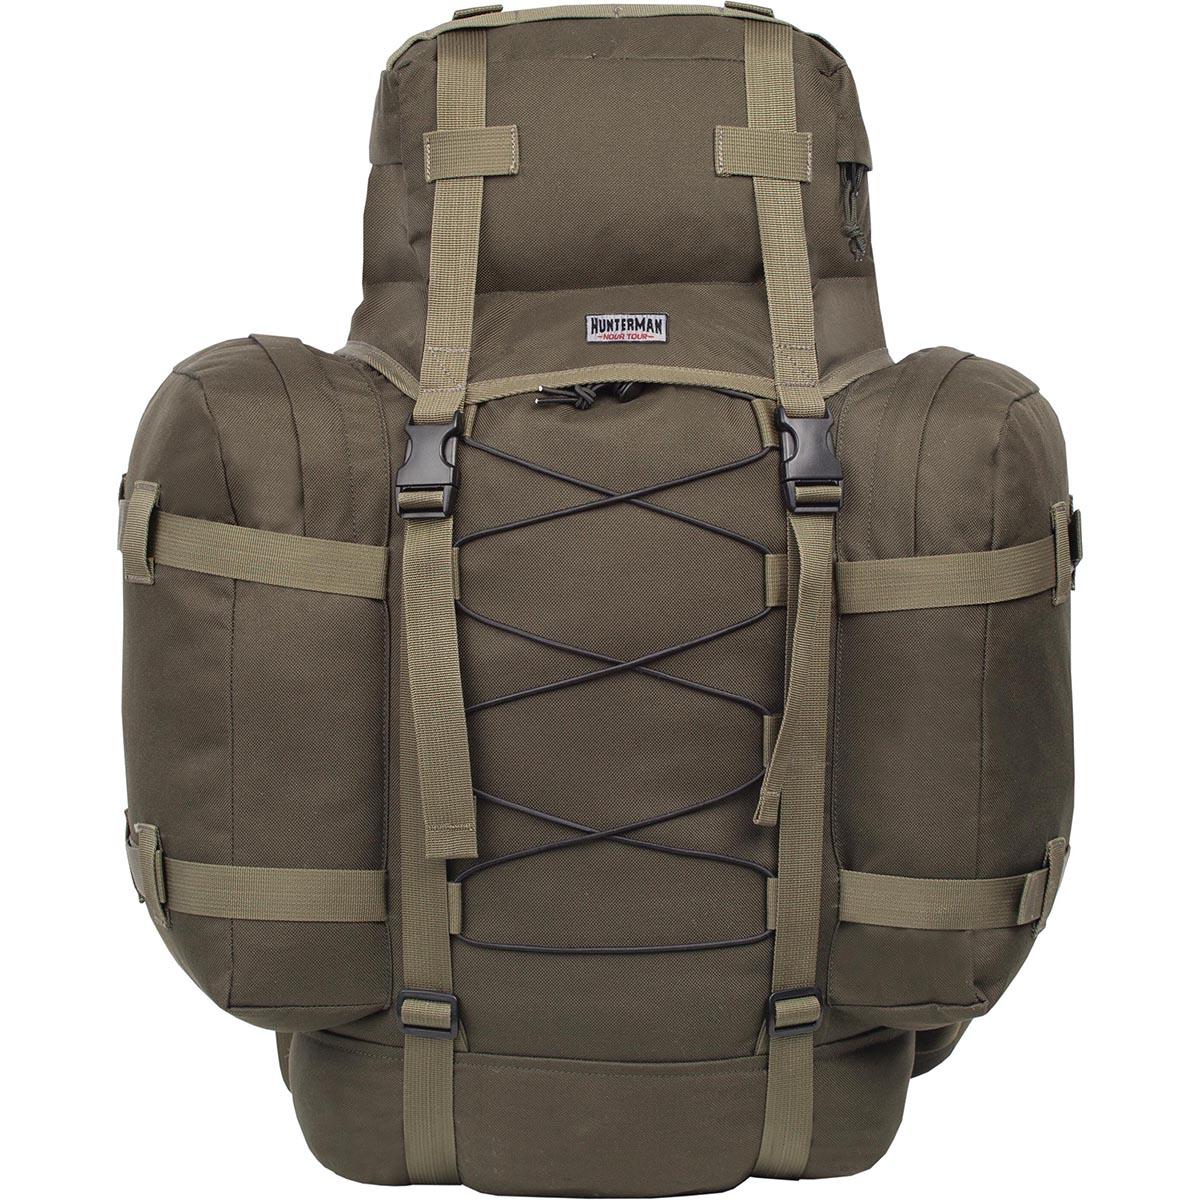 Рюкзак для охоты Nova Tour Контур 75 V3, цвет: зеленый, 75 л95816-502-00Легкий, компактный рюкзак для охоты и рыбалки. Находка для любителей активного отдыха на природе! Стильный, вместительный, удобный в эксплуатации! Надежный помощник при переноске необходимого снаряжения для рыбной ловли и охоты. Вертикальная смягчающая вставка добавляет жесткости спинке рюкзака, в плавающем клапане карман для мелочей, съемная поясная стропа.